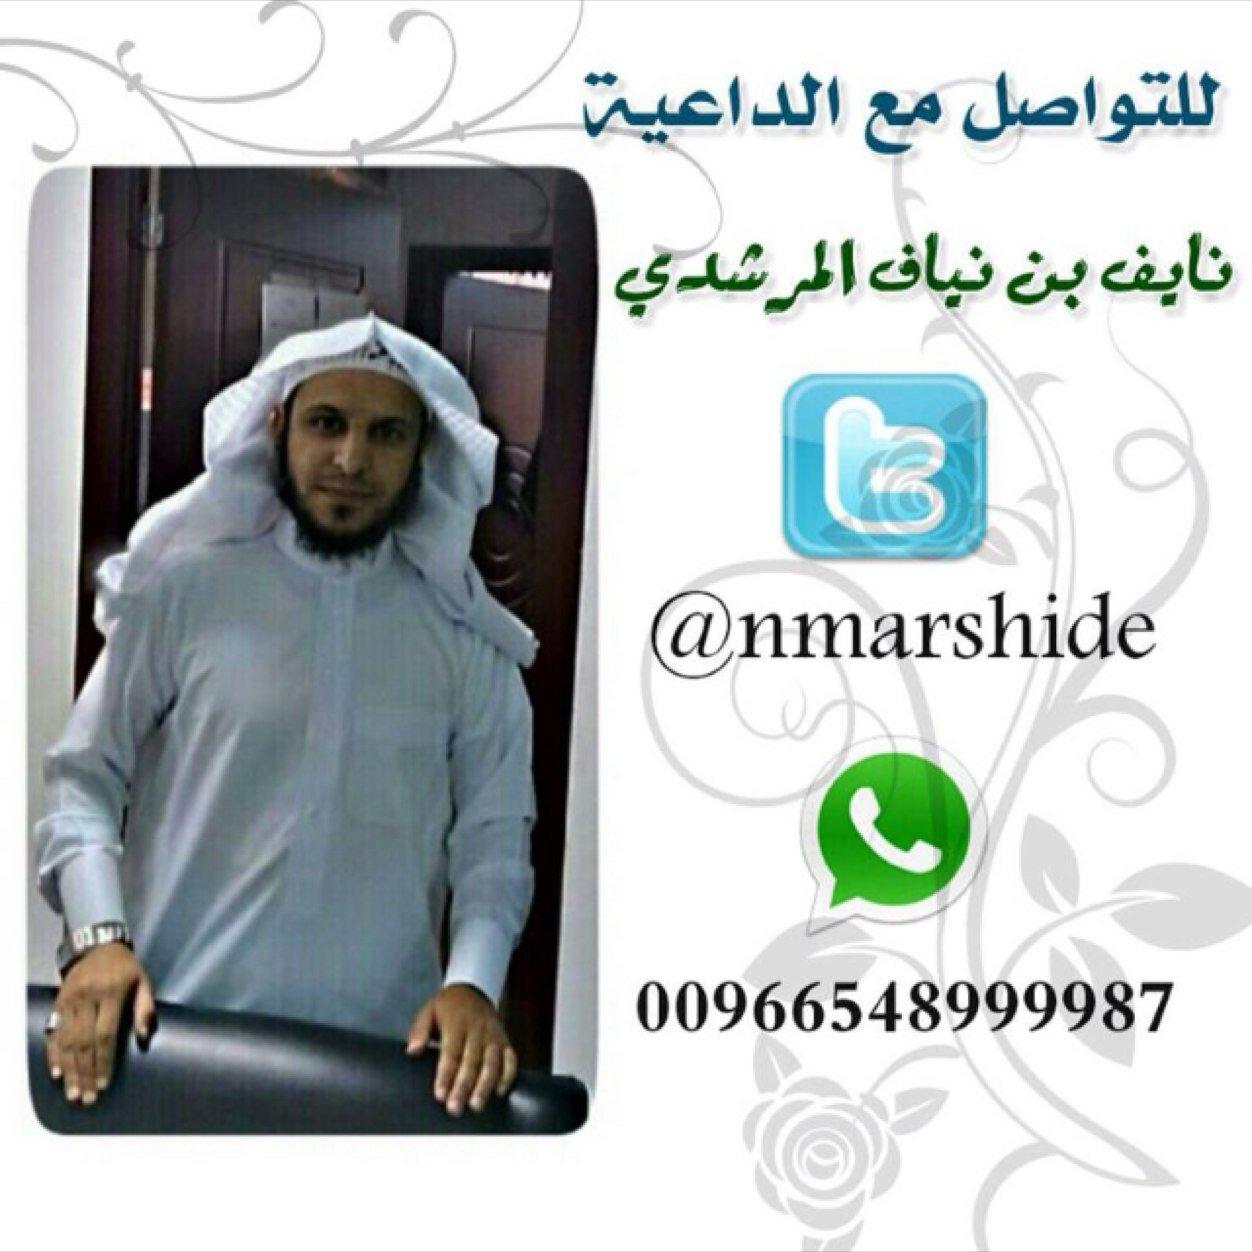 واتس اب رقم الشيخ محمد العريفي